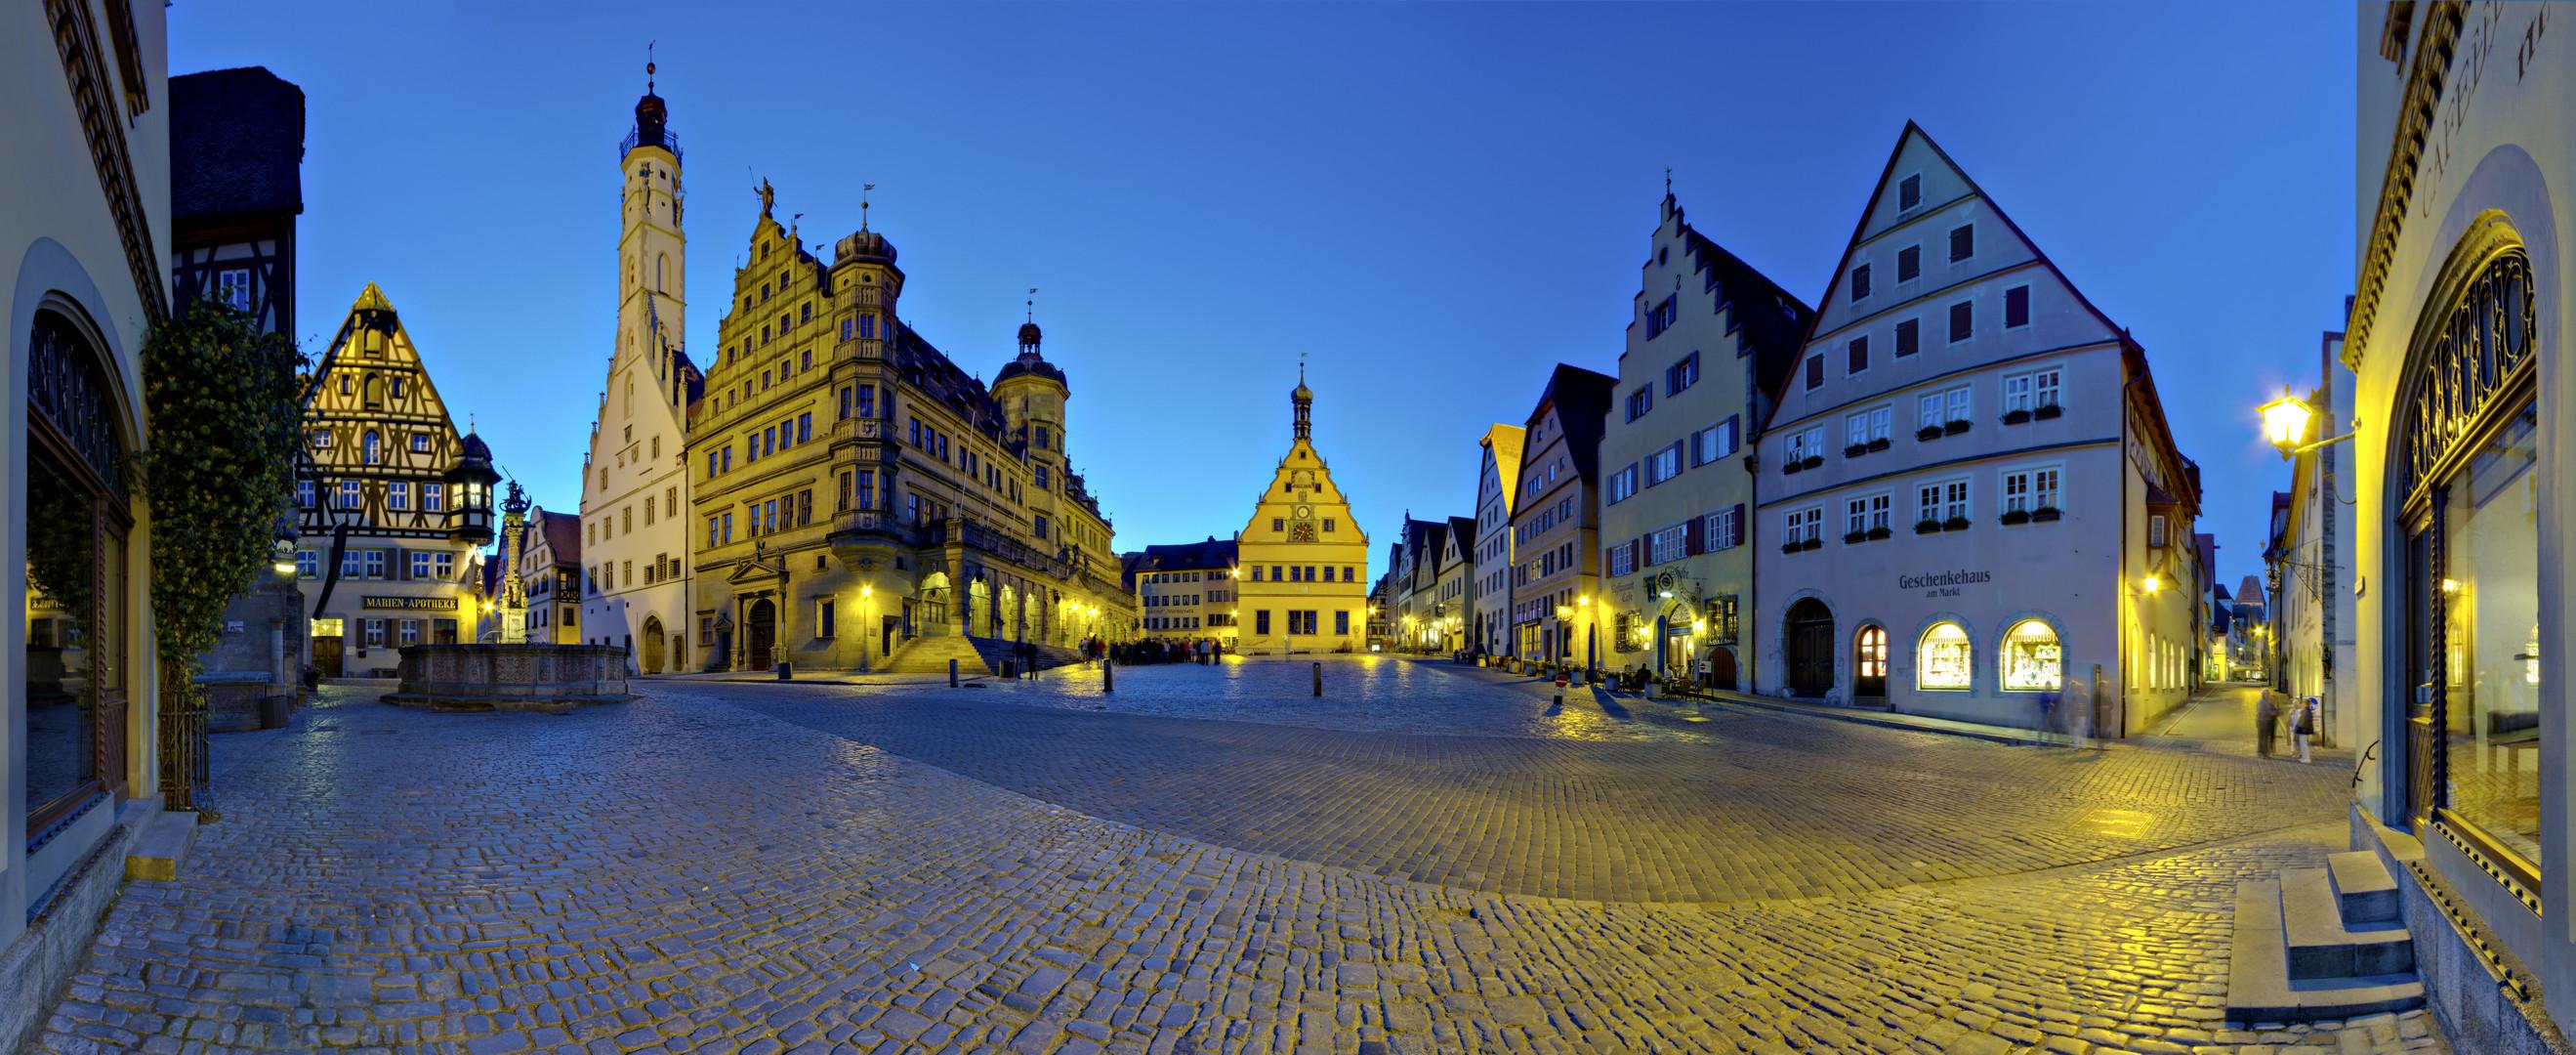 Marktplatz (Rothenburg ob der Tauber)